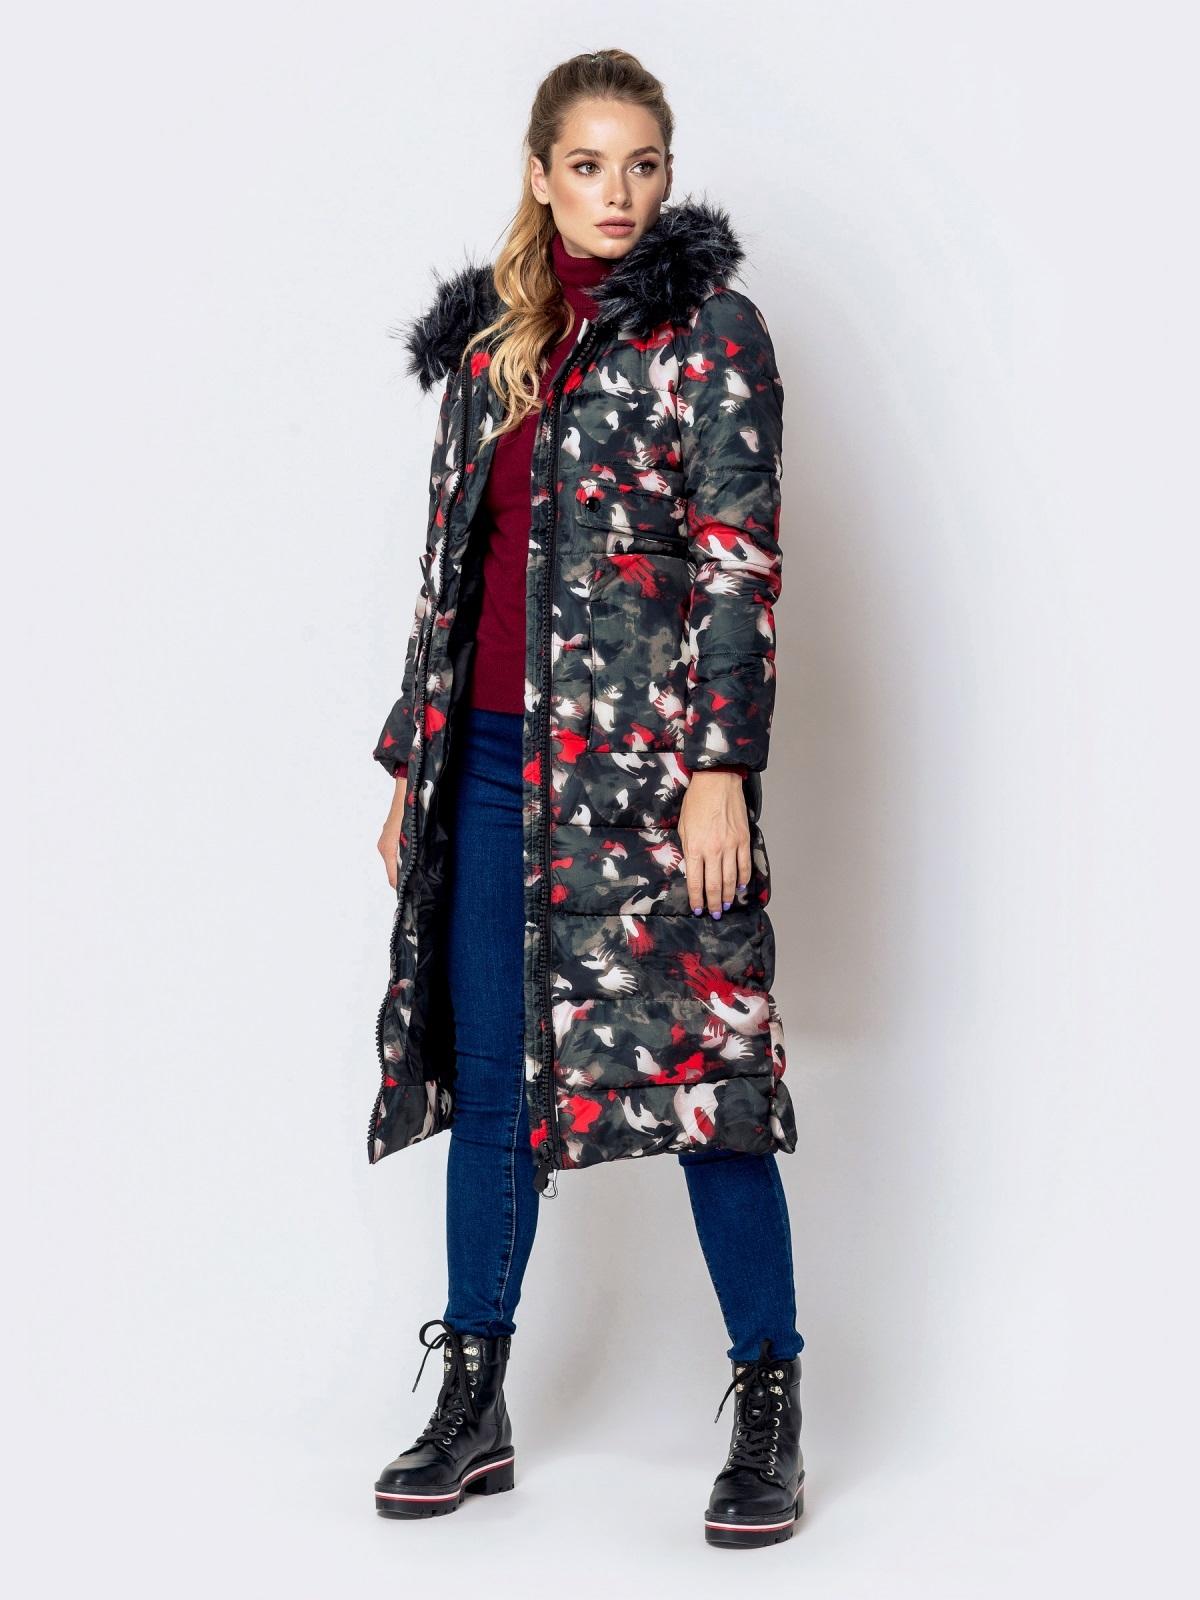 Длинная куртка с принтом и капюшоном чёрная - 40902, фото 1 – интернет-магазин Dressa